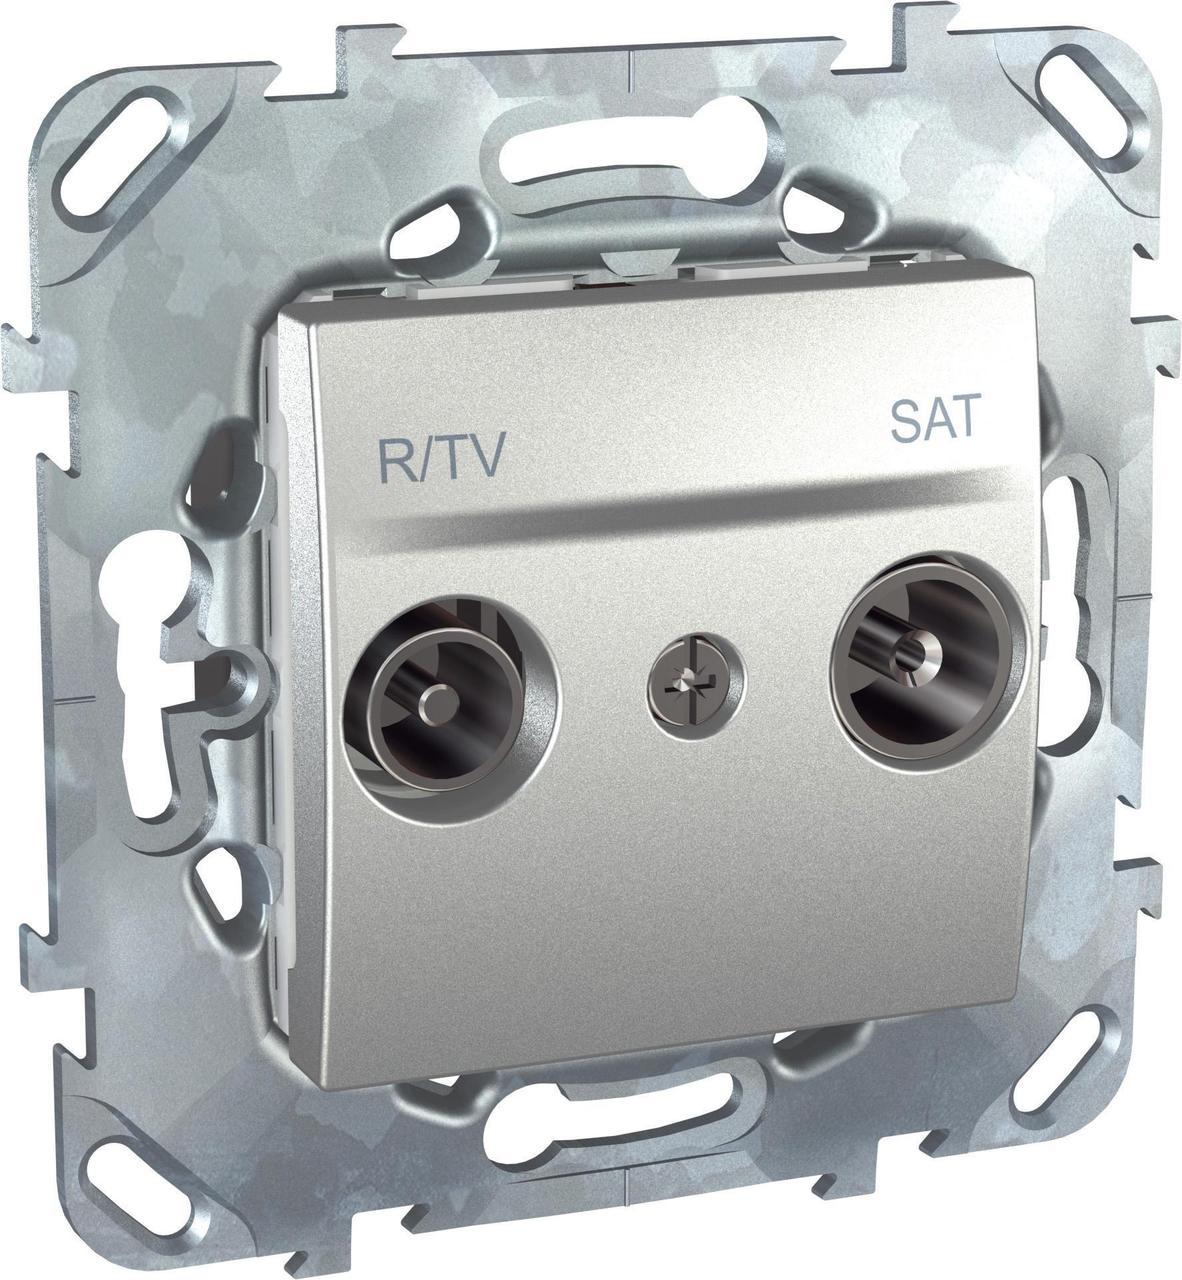 Розетка телевизионная единственная ТV-FМ-SАТ , Алюминий, серия UNICA TOP/CLASS, Schneider Electric